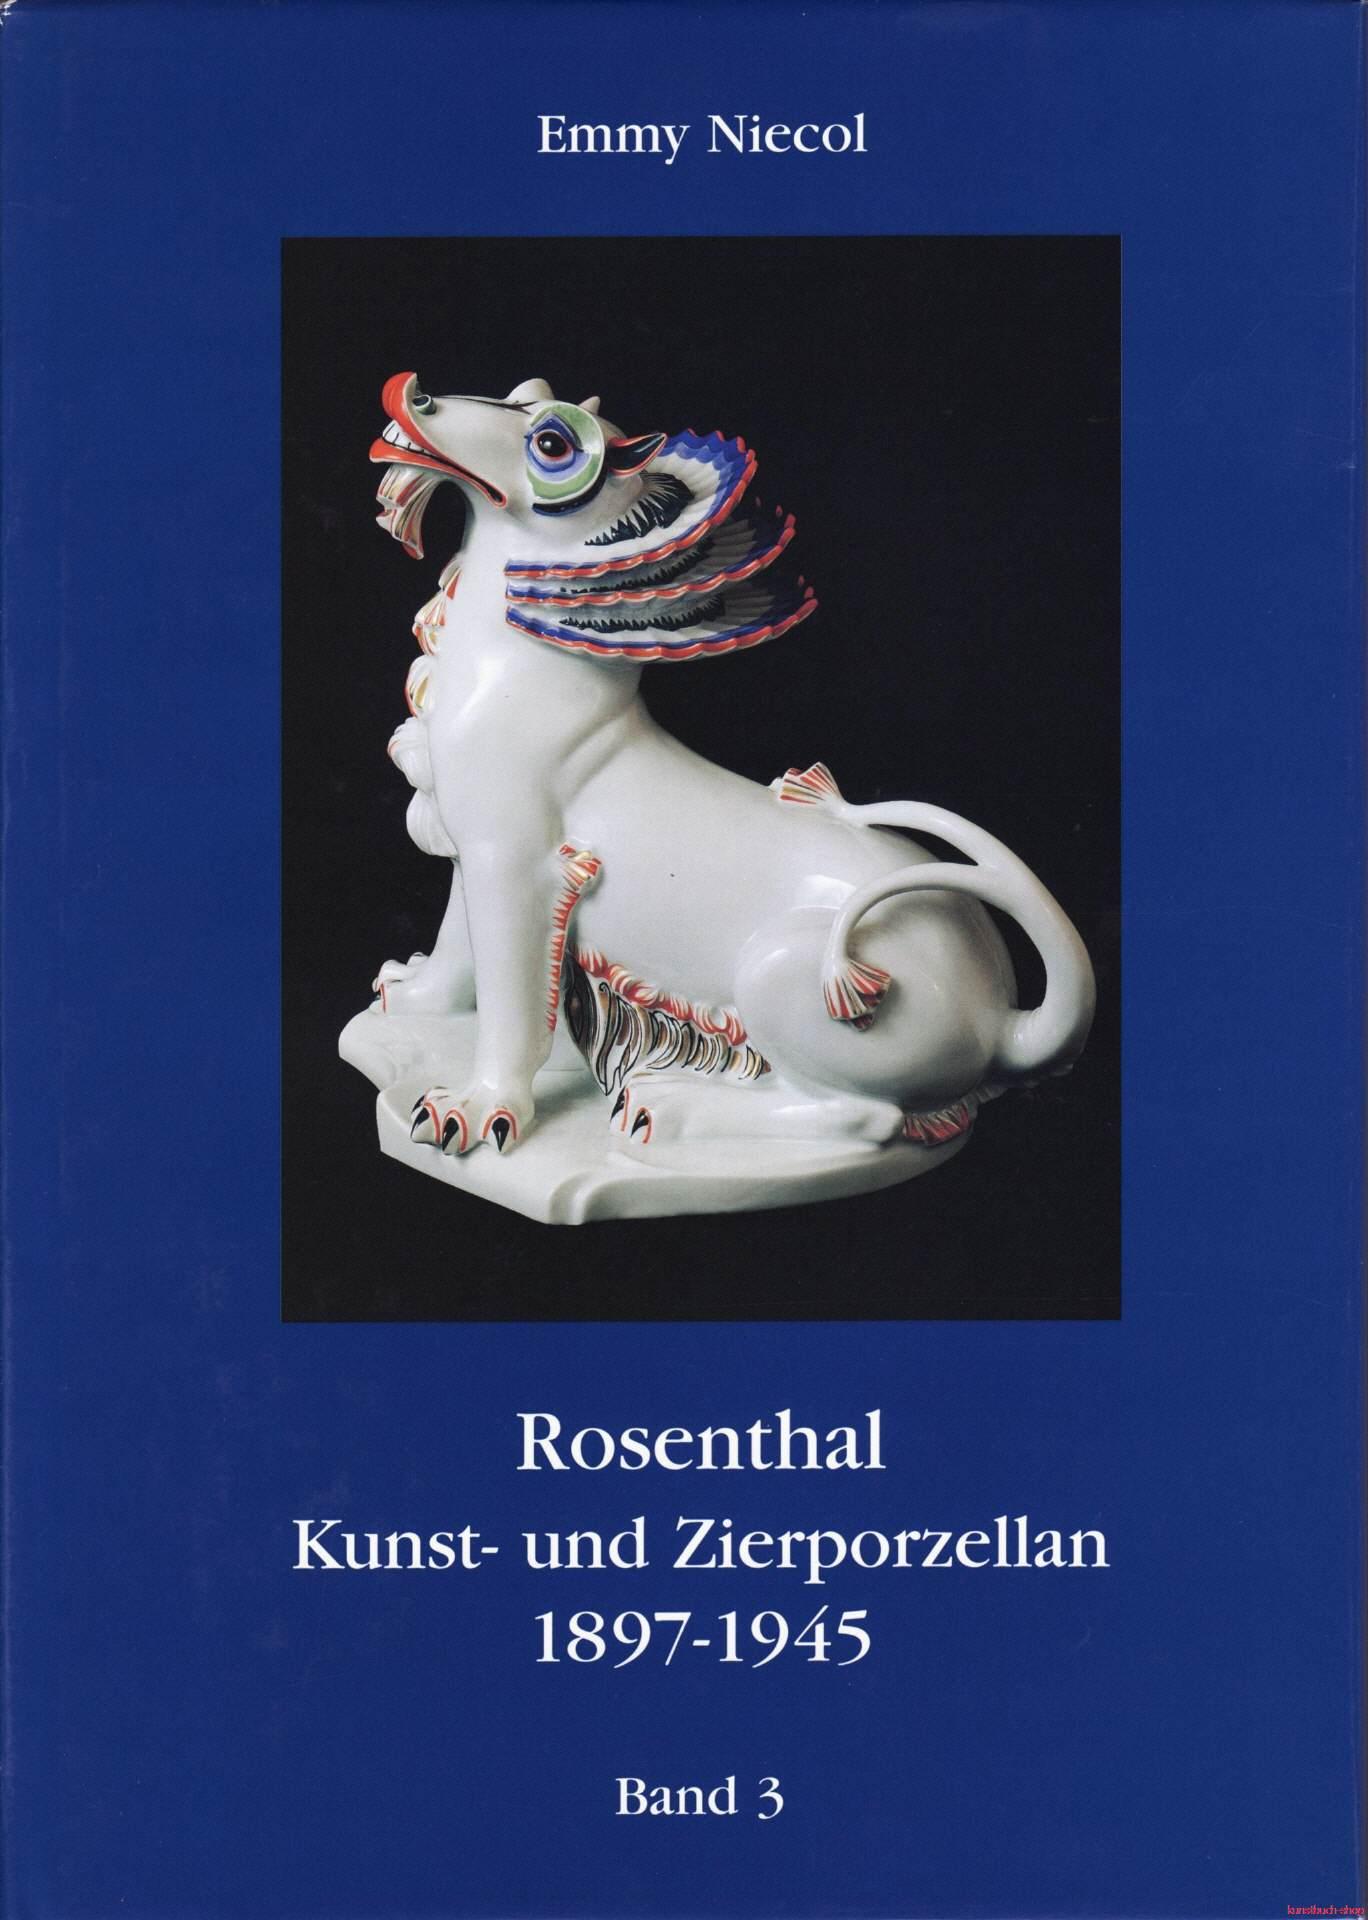 Rosenthal, Kunst- und Zierporzellan 1897-1945 / Rosenthal - Kunst und Zierporzellan 1897-1945. Band 3